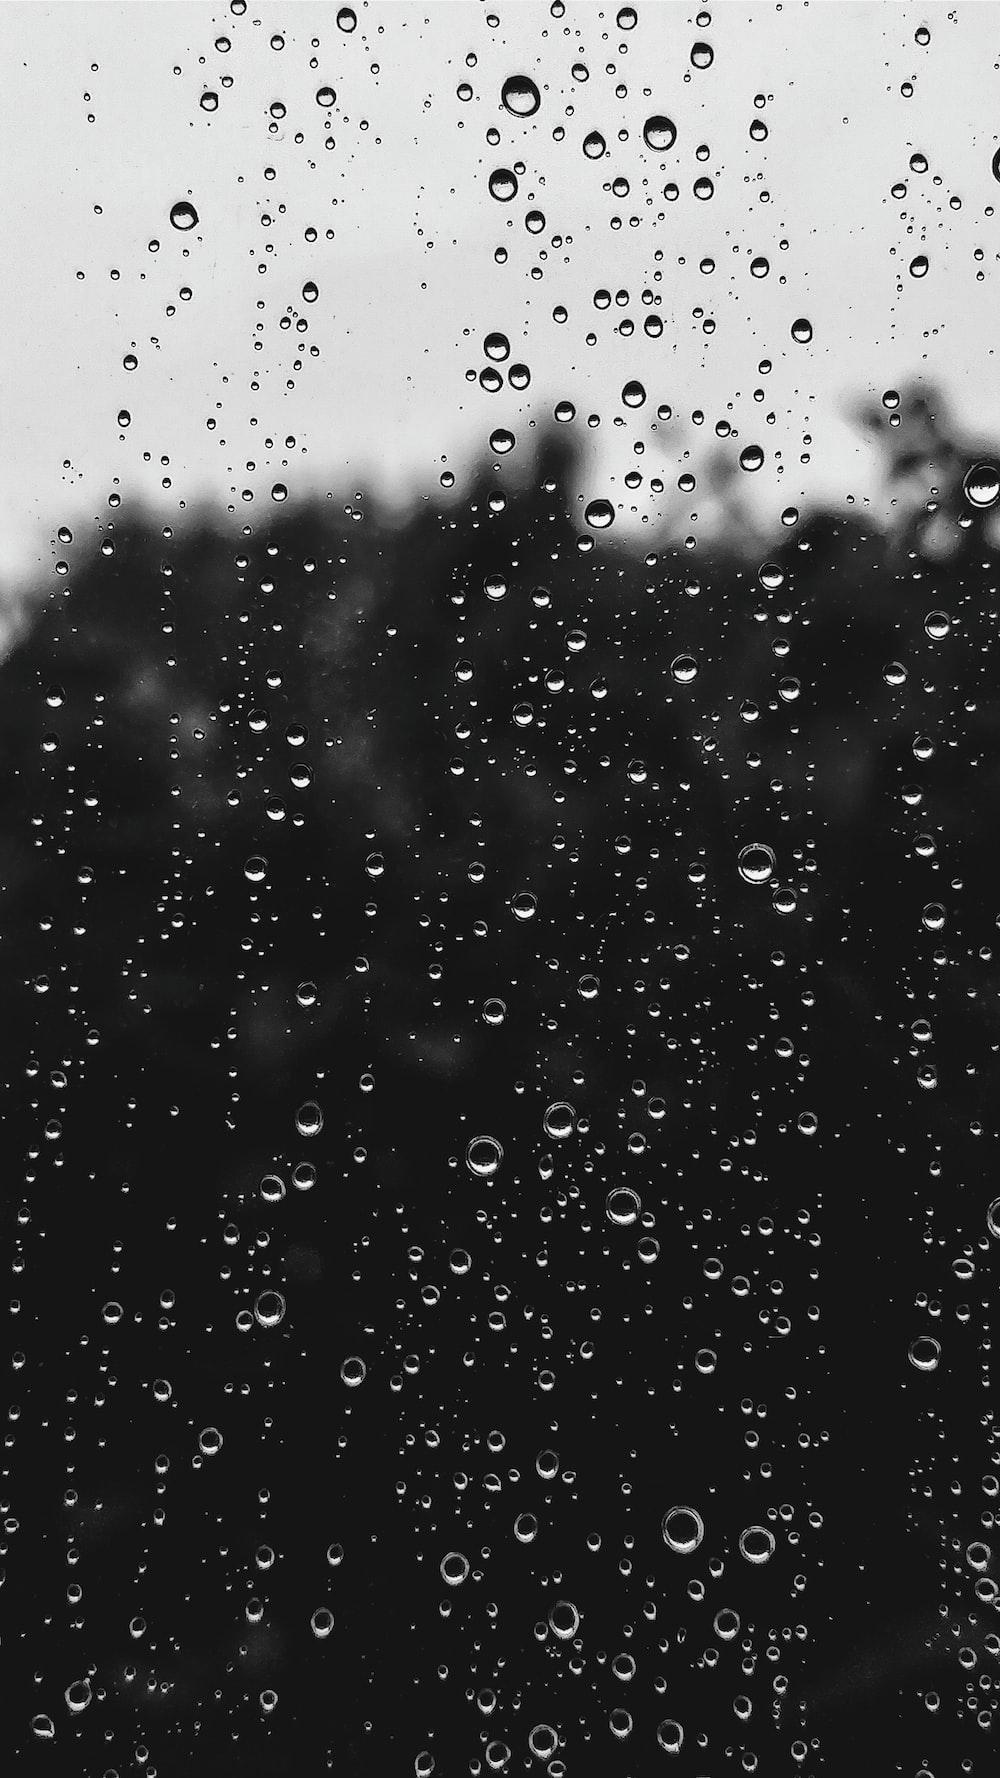 water dew on window